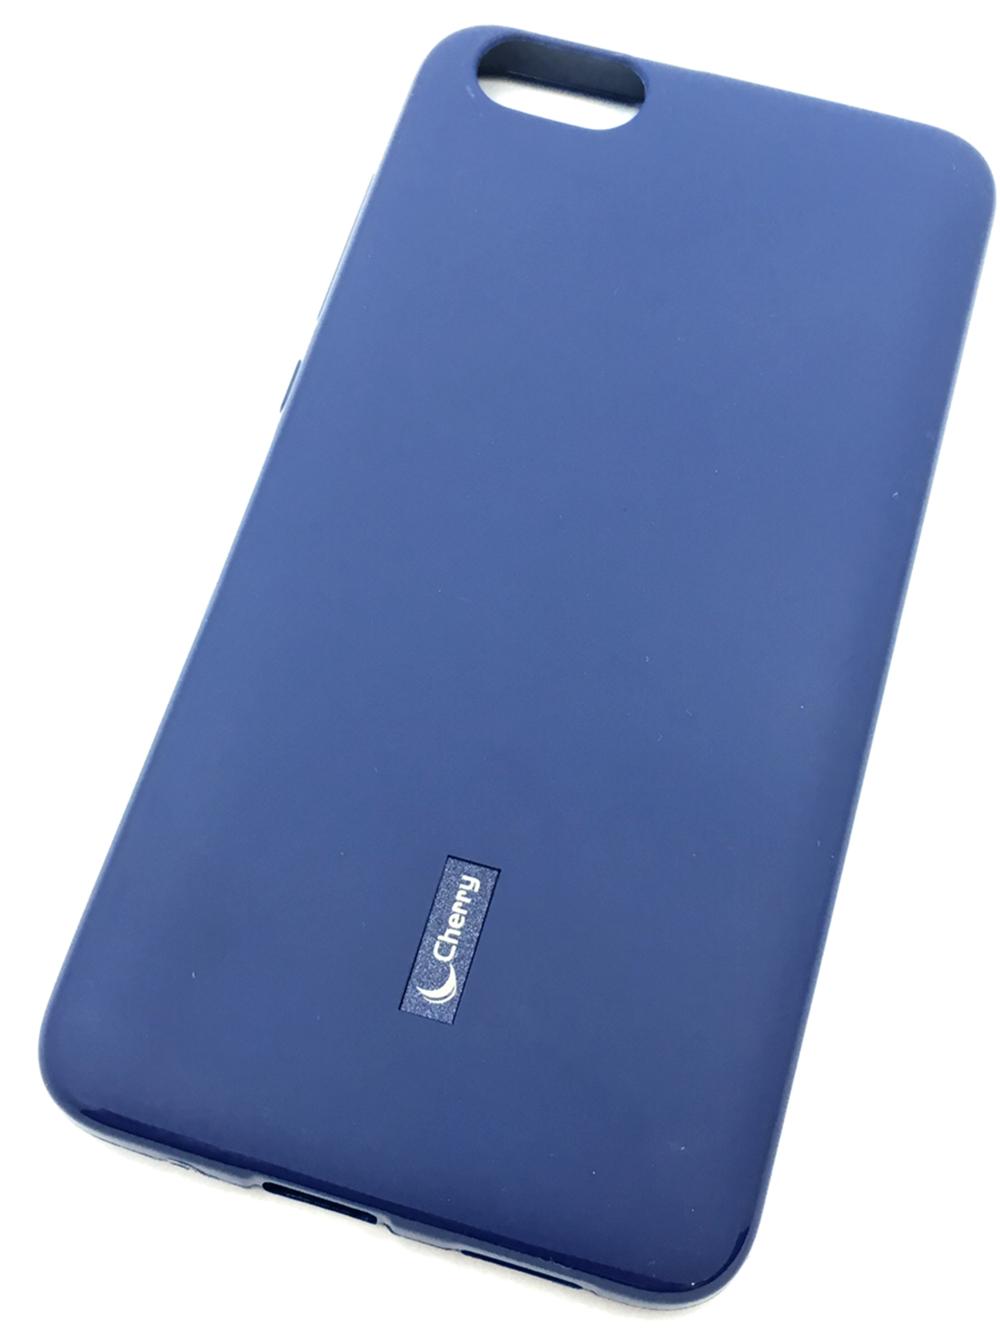 Чехол для сотового телефона Cherry Huawei Honor 4X Накладка резиновая с пленкой на экран, синий аксессуар чехол накладка huawei ascend g620 cherry white 8283